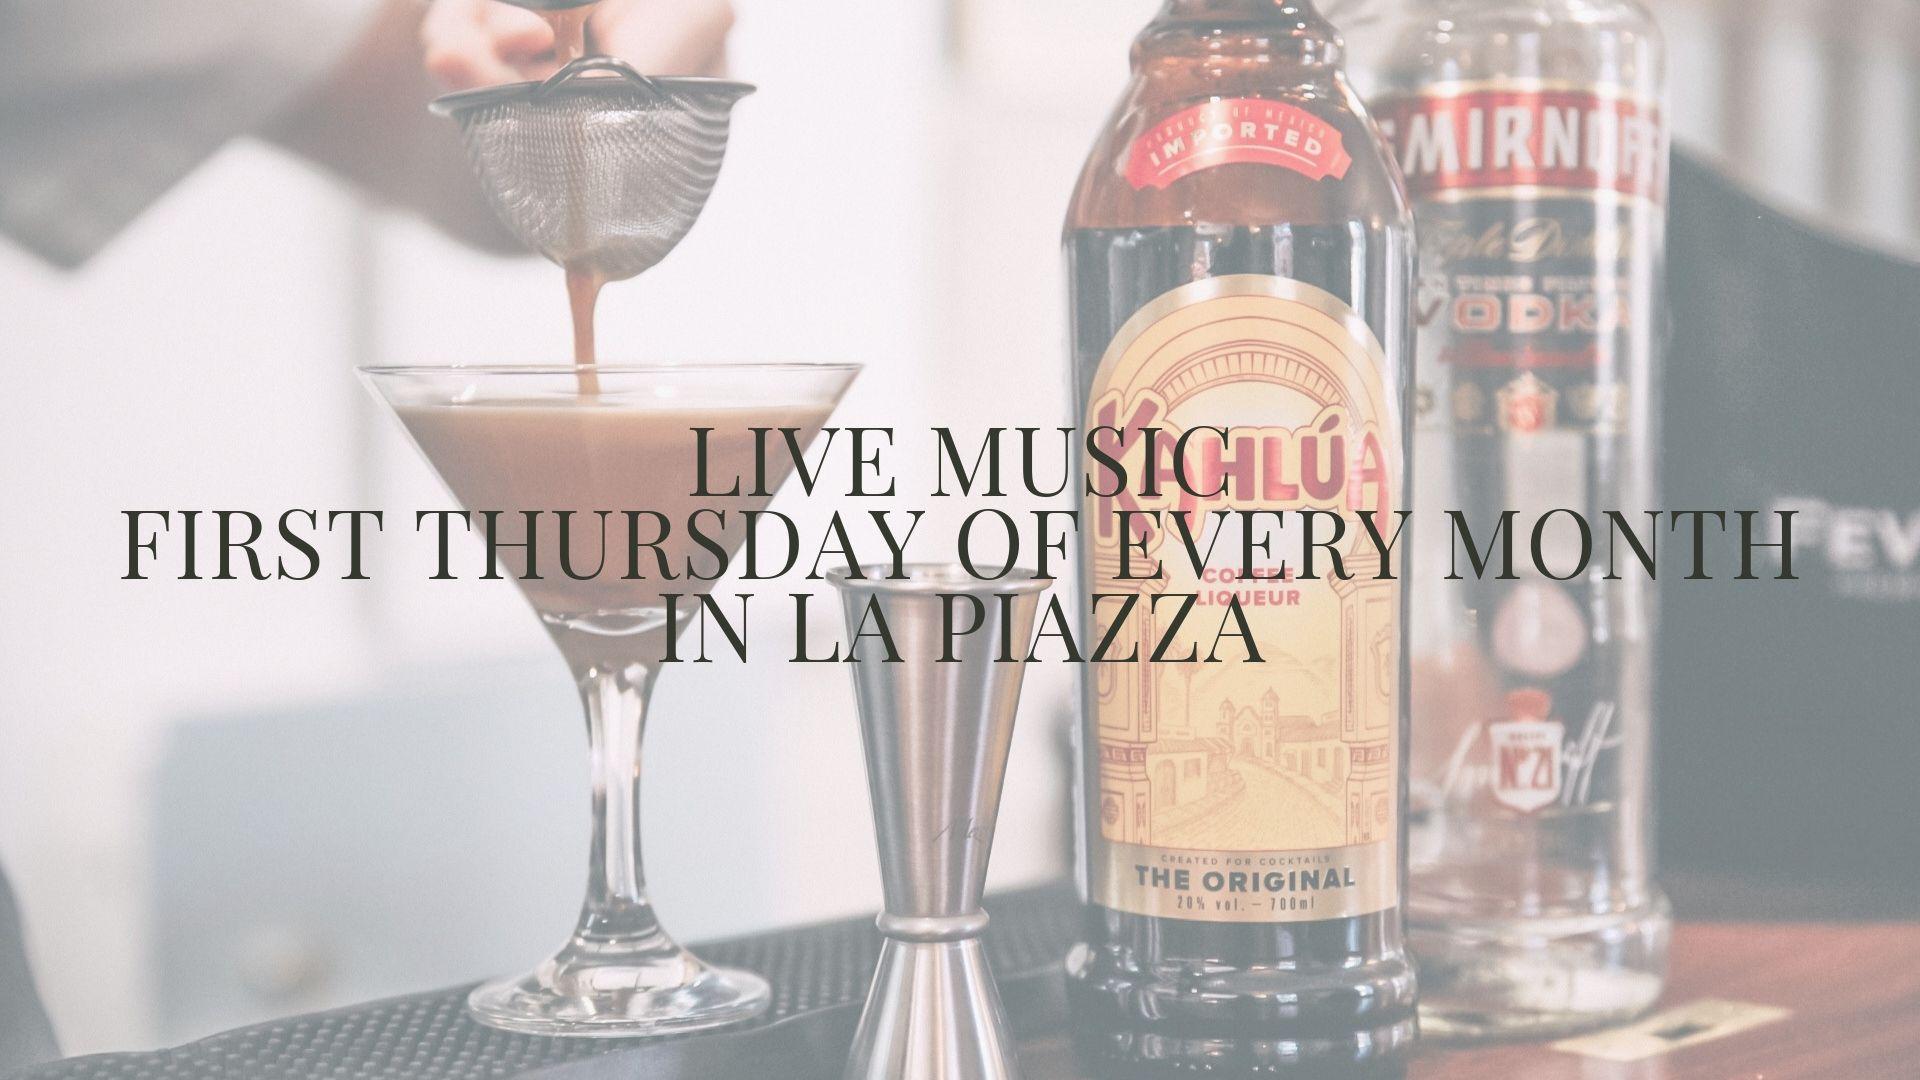 live music in la piazza